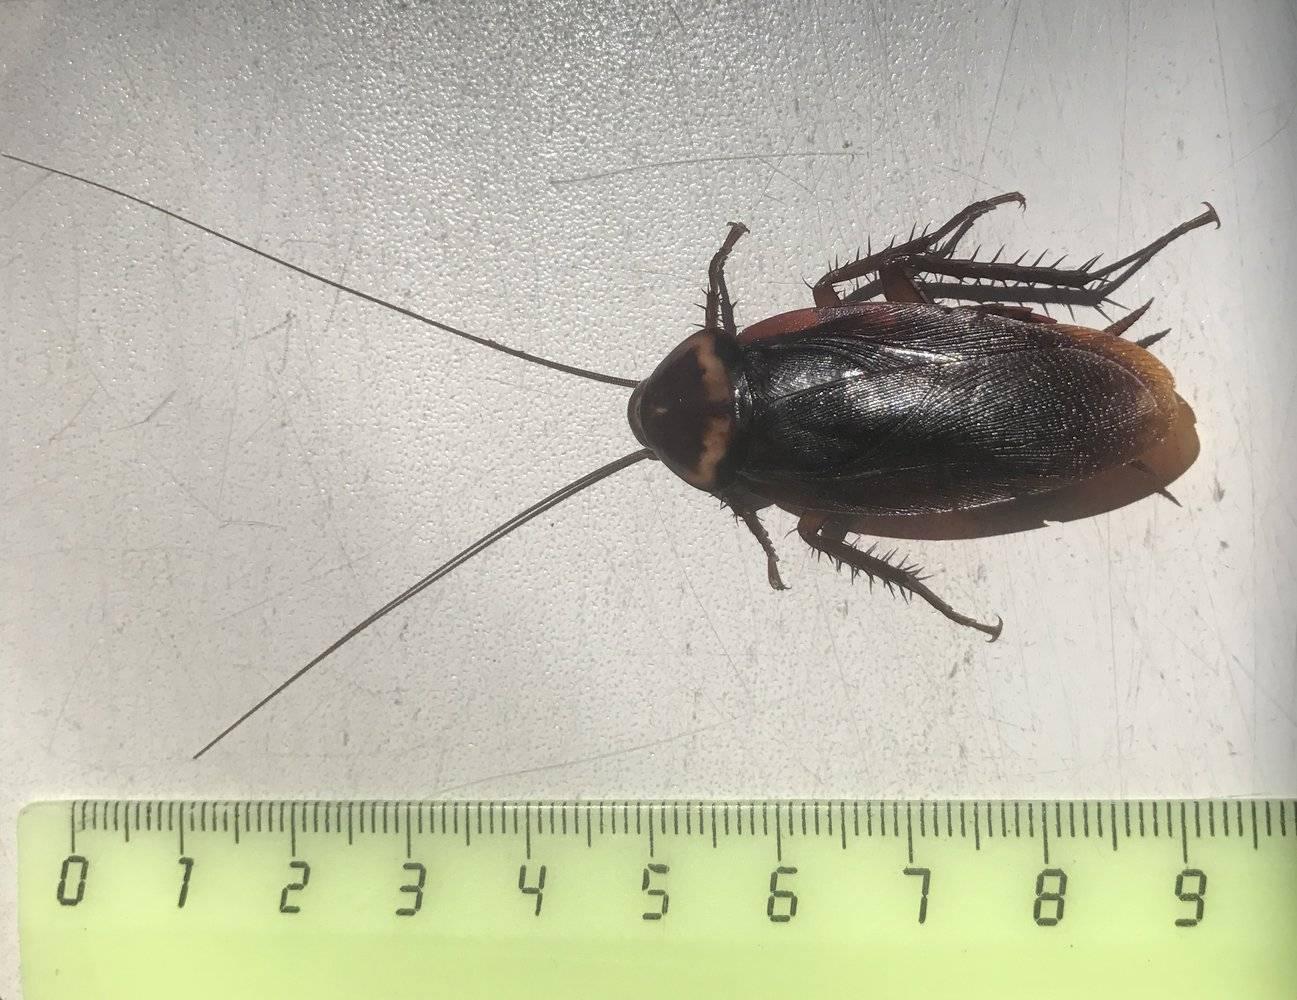 Чем опасны тараканы в квартире?